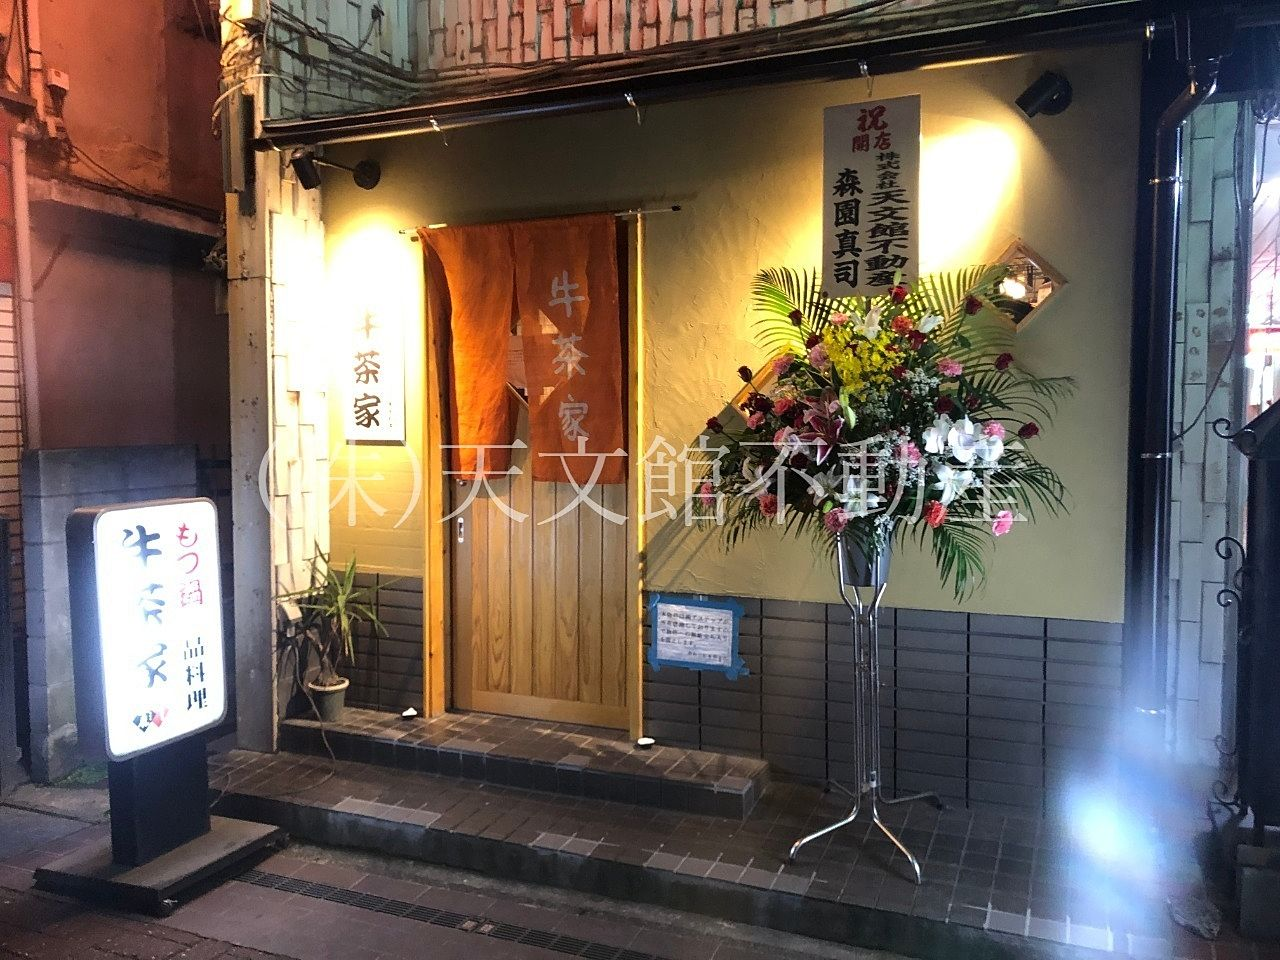 鹿児島市山之口町もつ鍋牛茶屋のお店の前です。花の店イイヤマで配達して頂いたお花です。